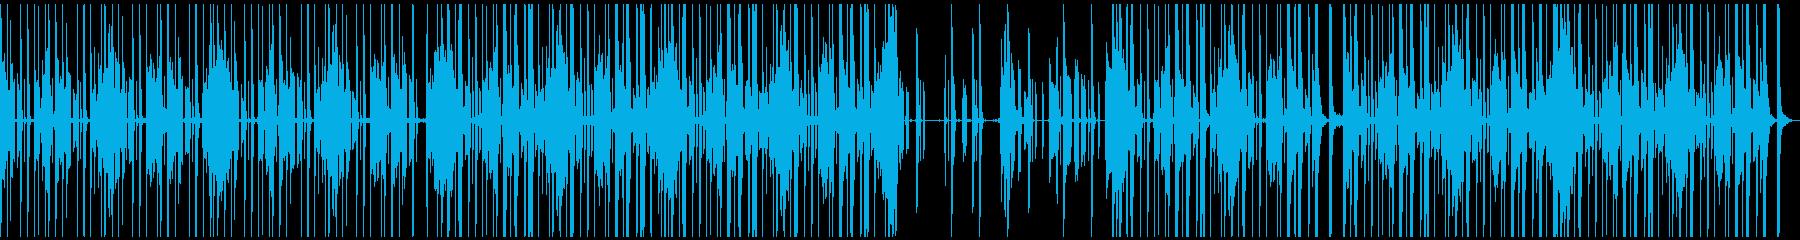 シンセとギターを用いたファニーなBGMの再生済みの波形